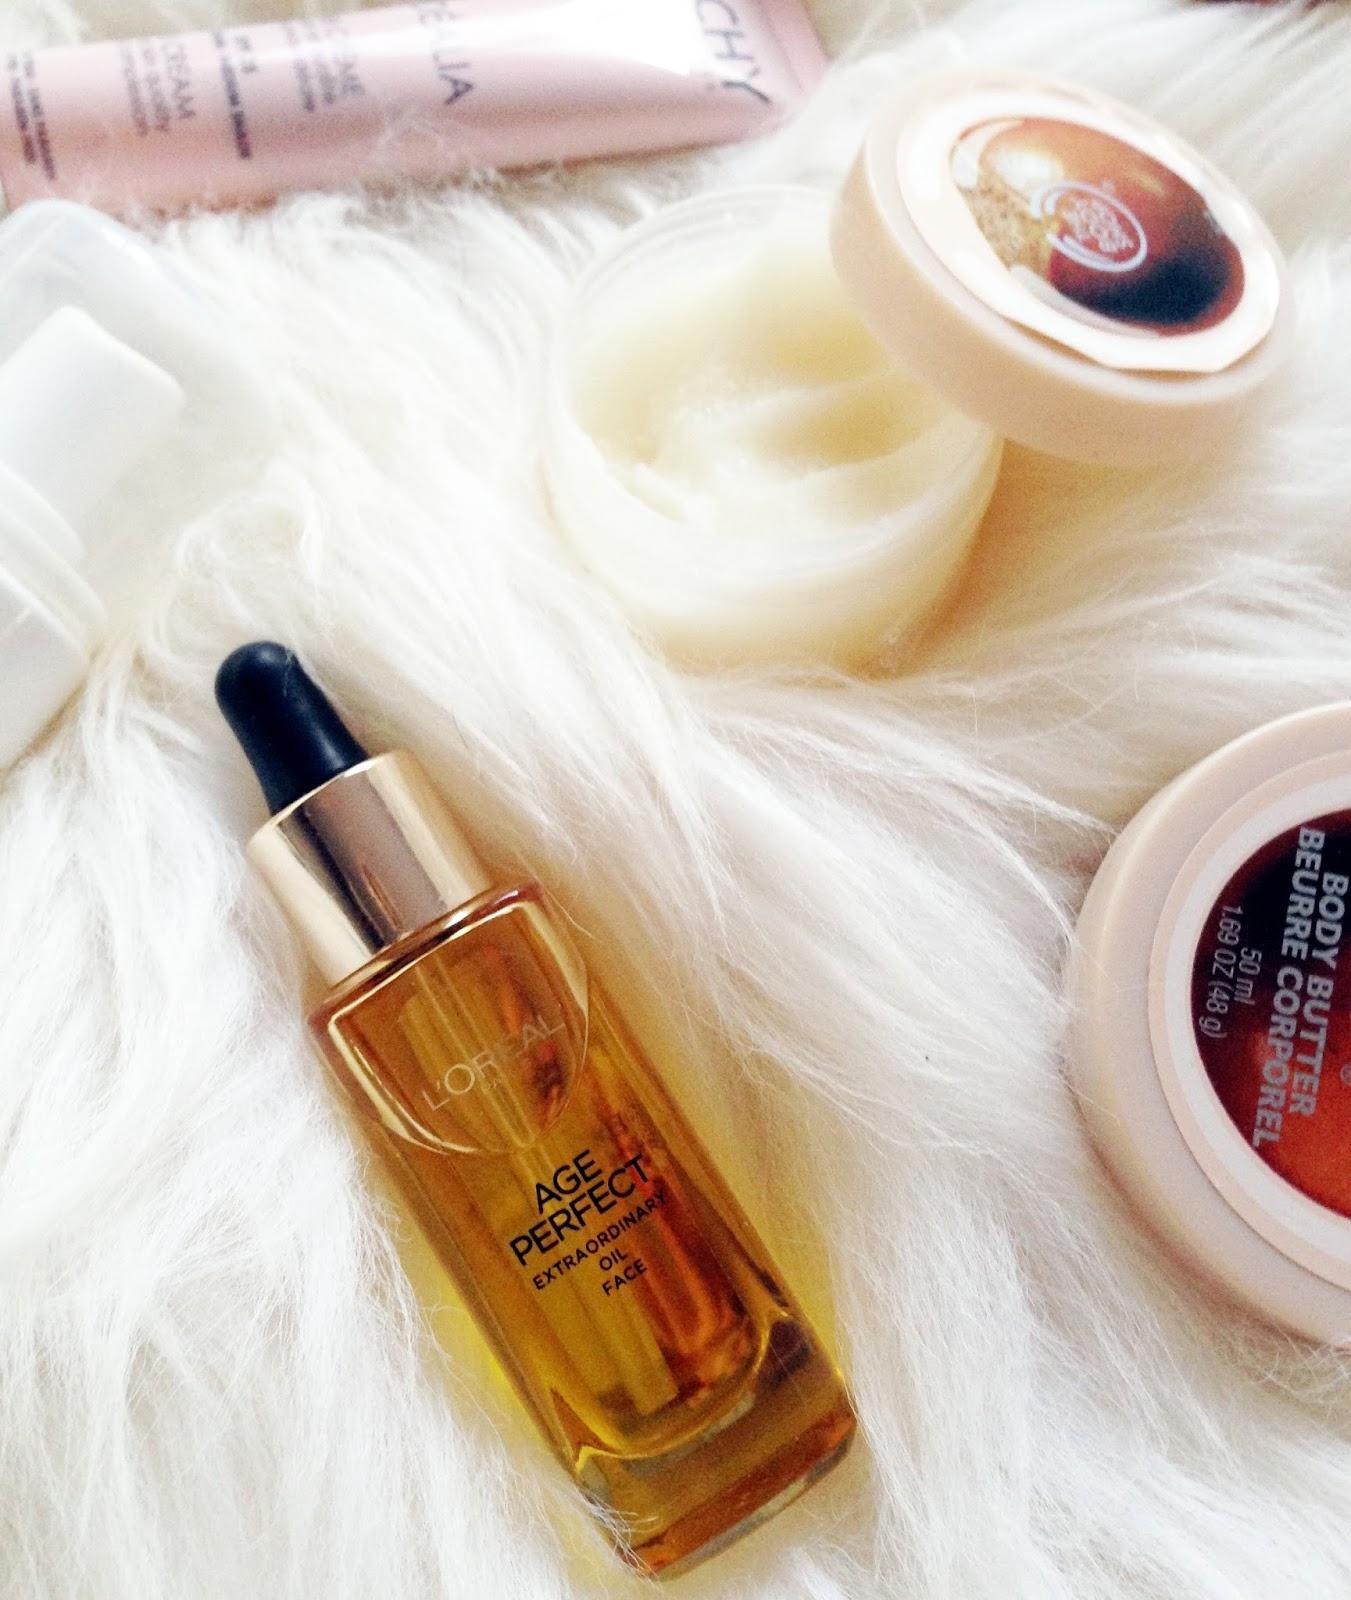 Get glowing spring skin